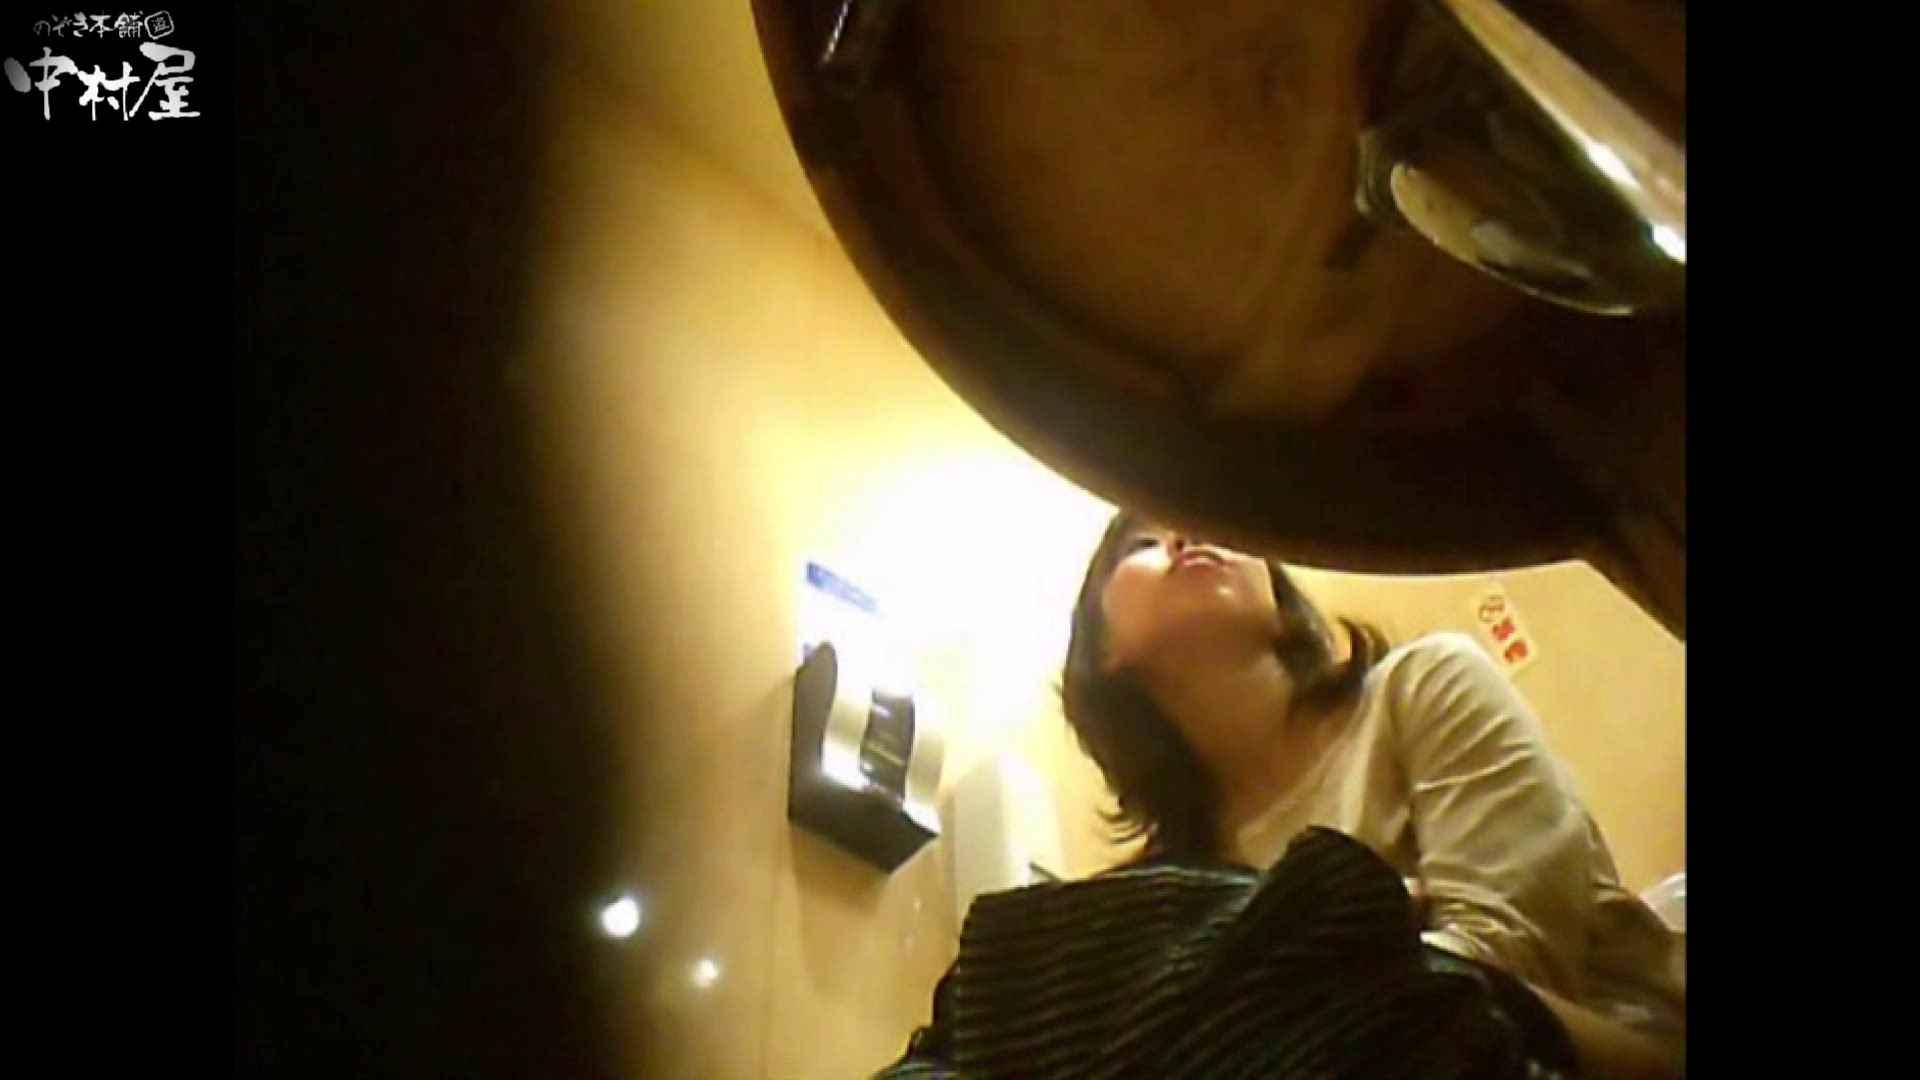 ガチ盗撮!突撃!女子化粧室の真実~セカンドシーズン~vo.02 ぽっちゃり | 盗撮  72連発 49